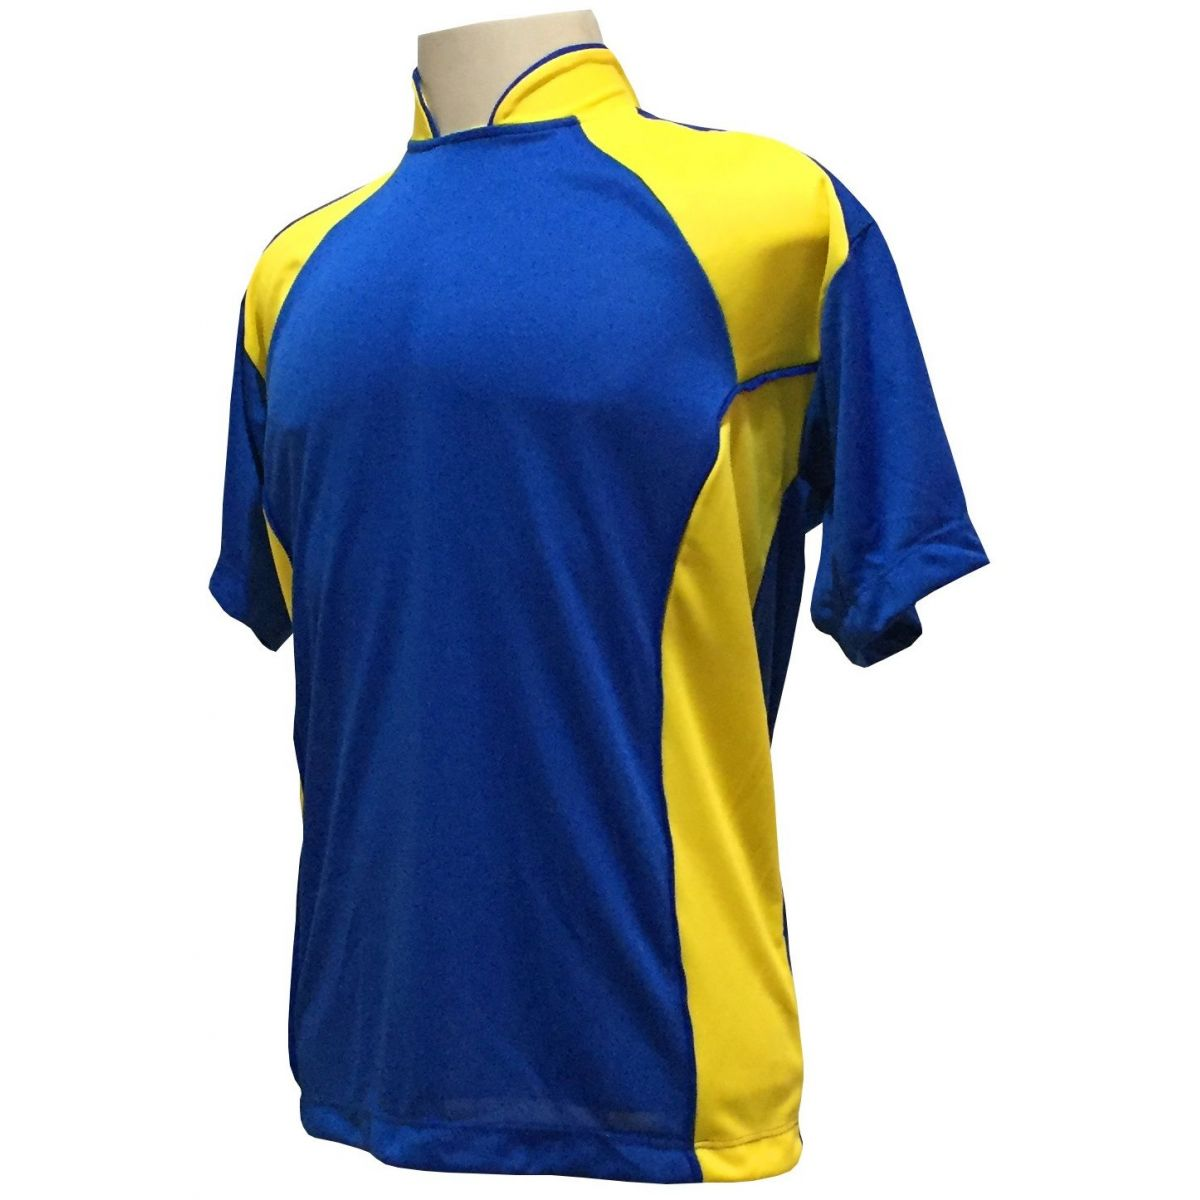 Jogo de Camisa com 14 unidades modelo Suécia Royal/Amarelo